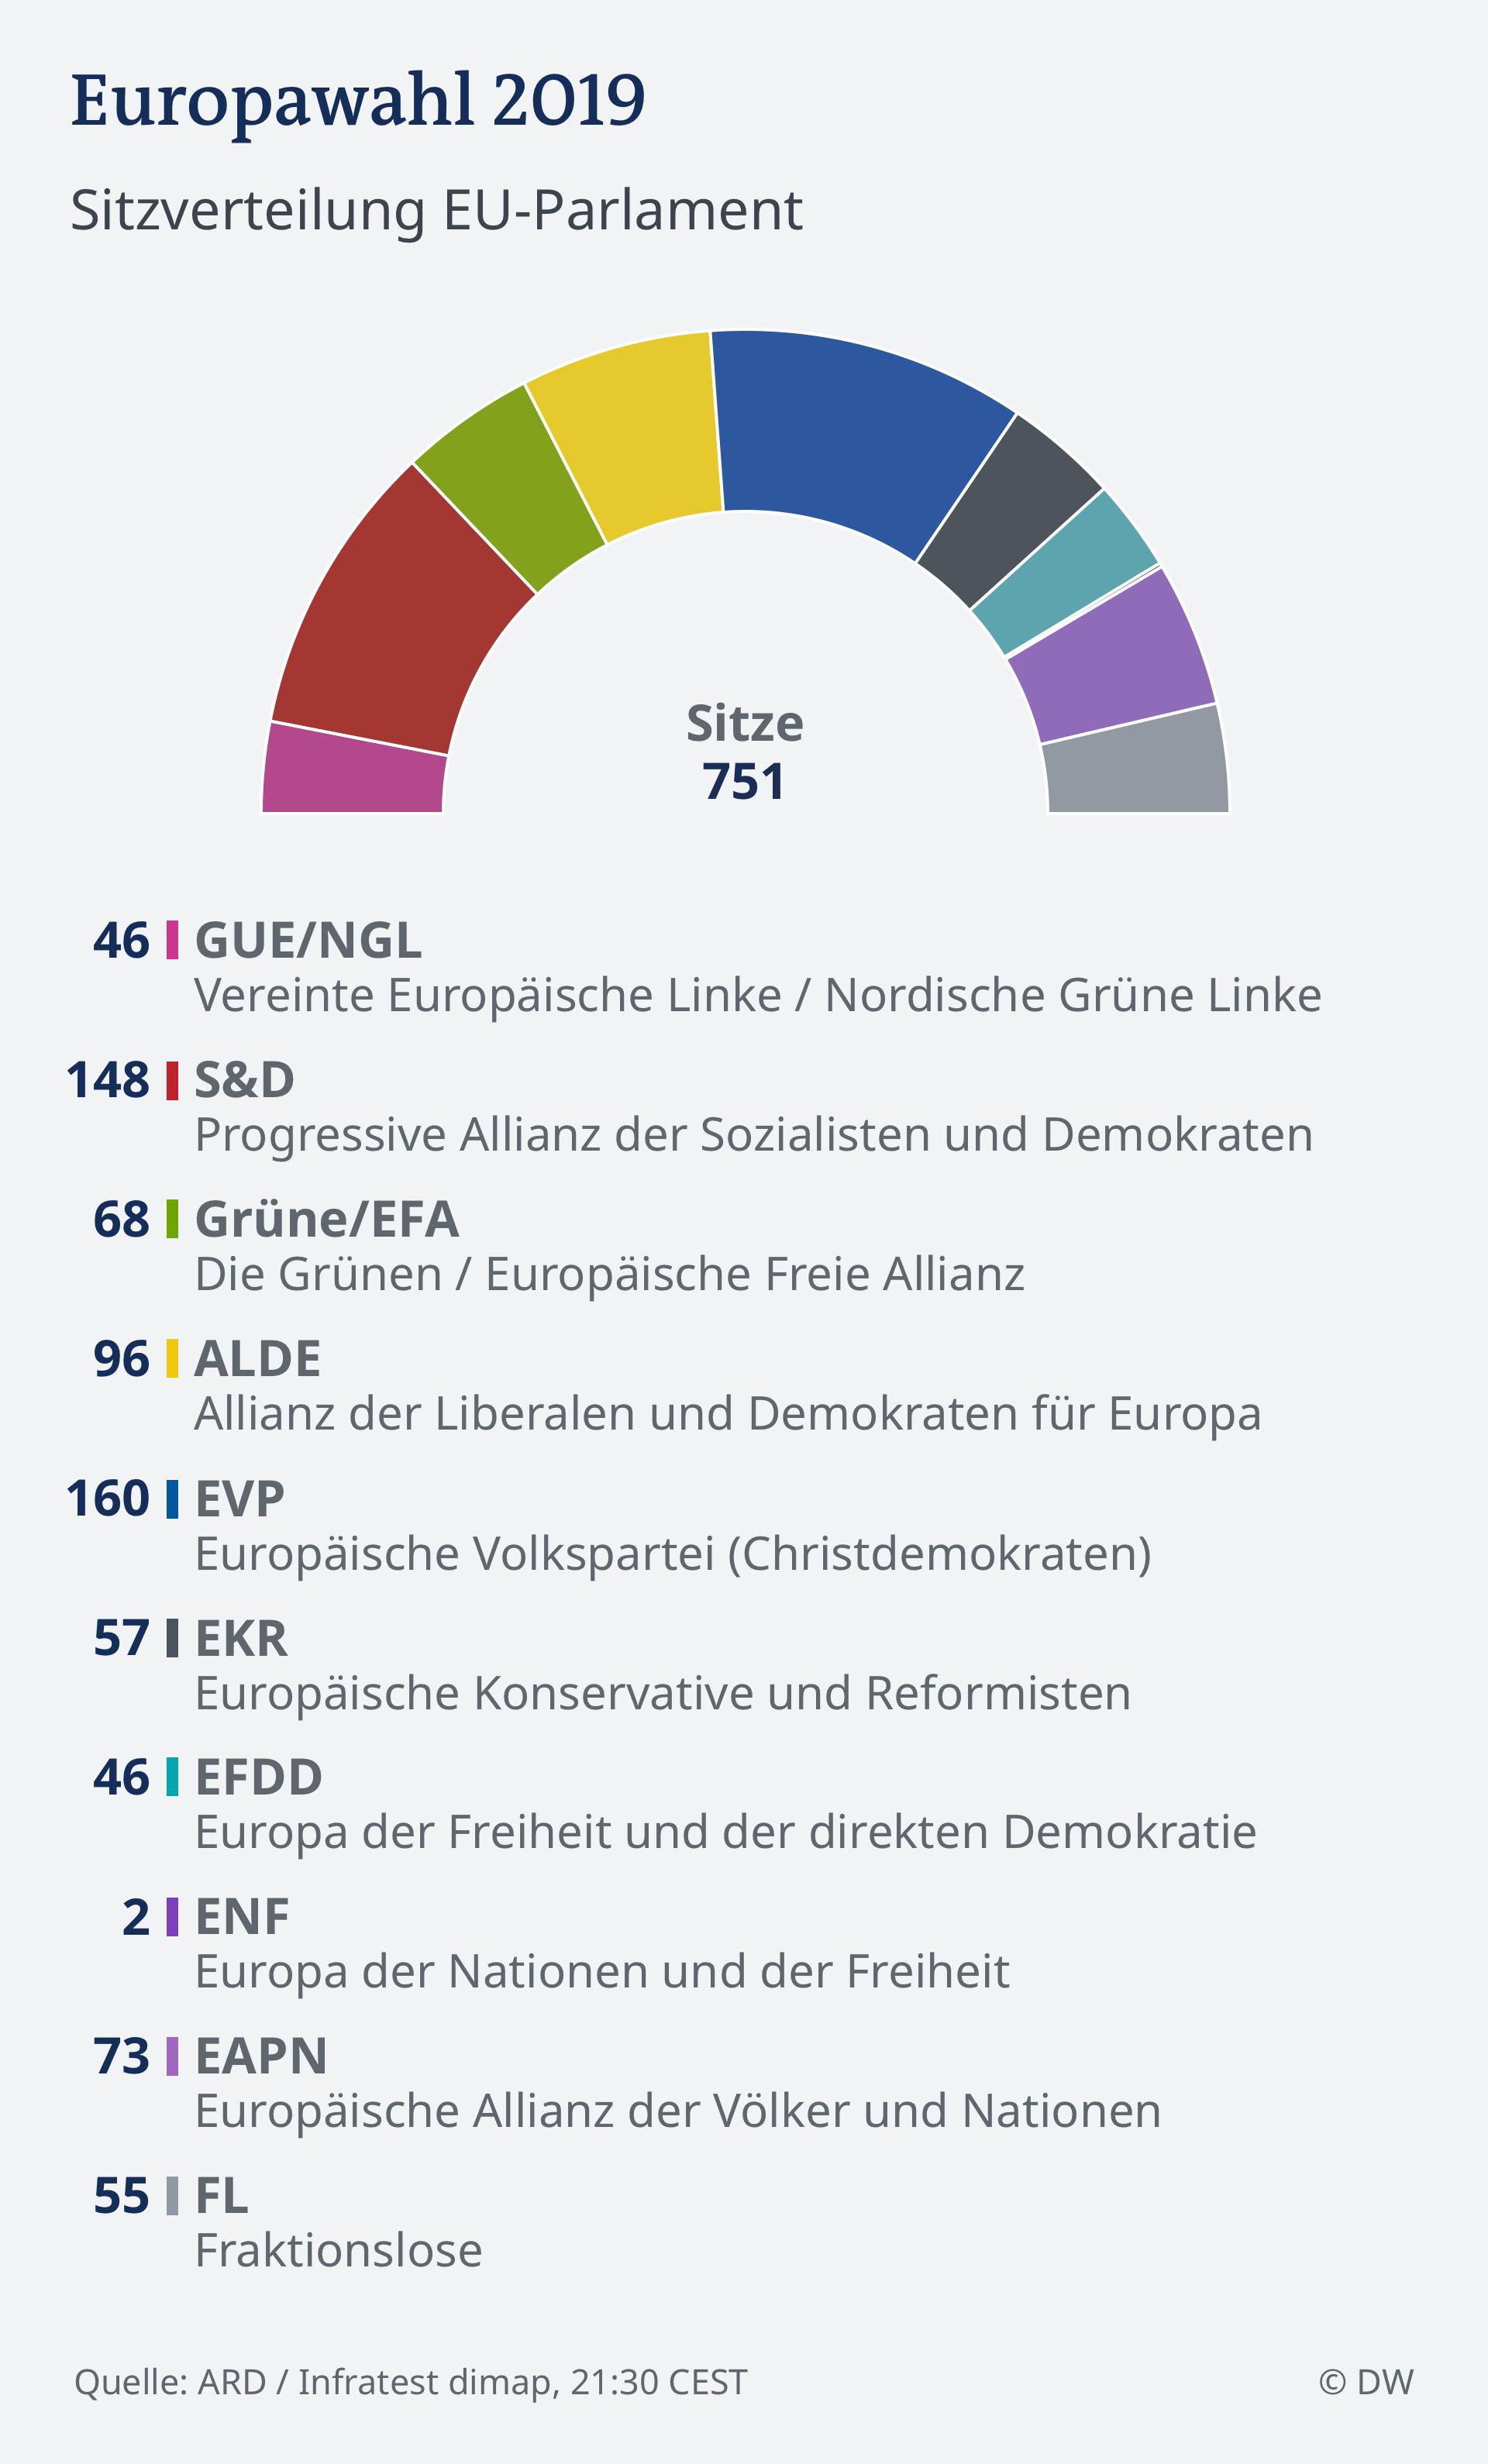 Infografik HOCHRECHNUNG 21.30 EU Wahl 2019 - Parlament DEU